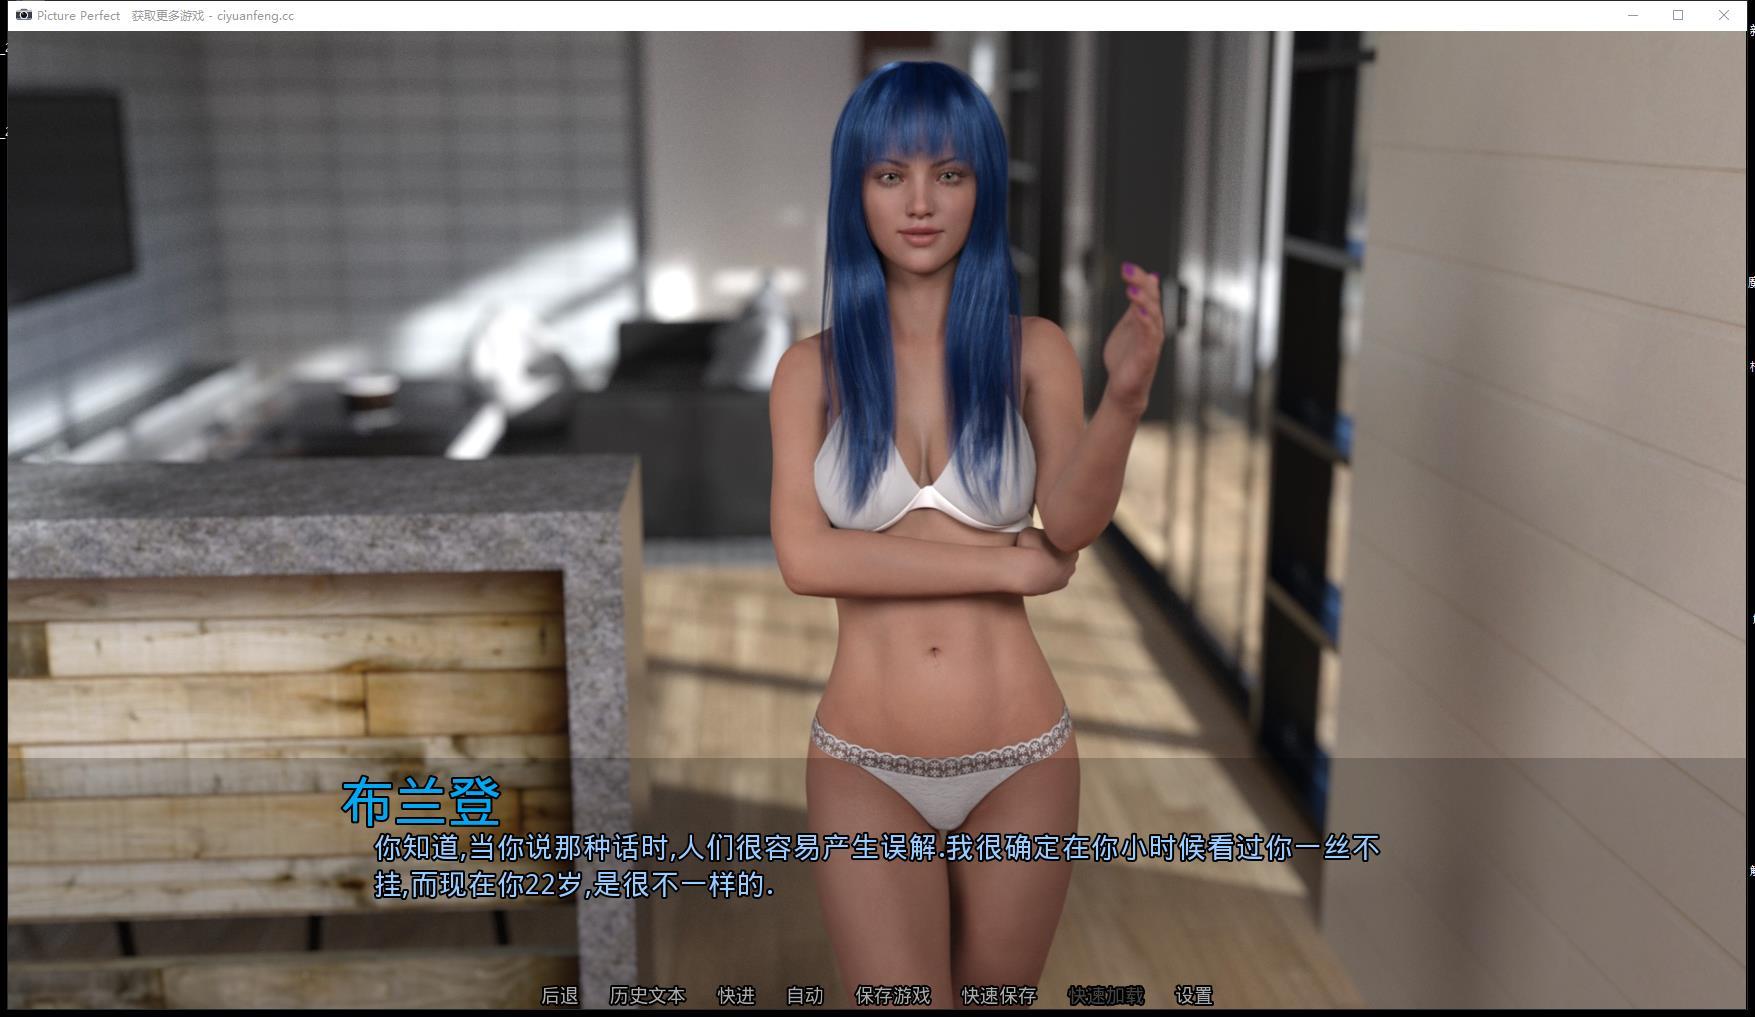 完美照片 Picture Perfect V0.11 PC+安卓汉化版【3.5G/欧美SLG/汉化】 安卓端-第3张